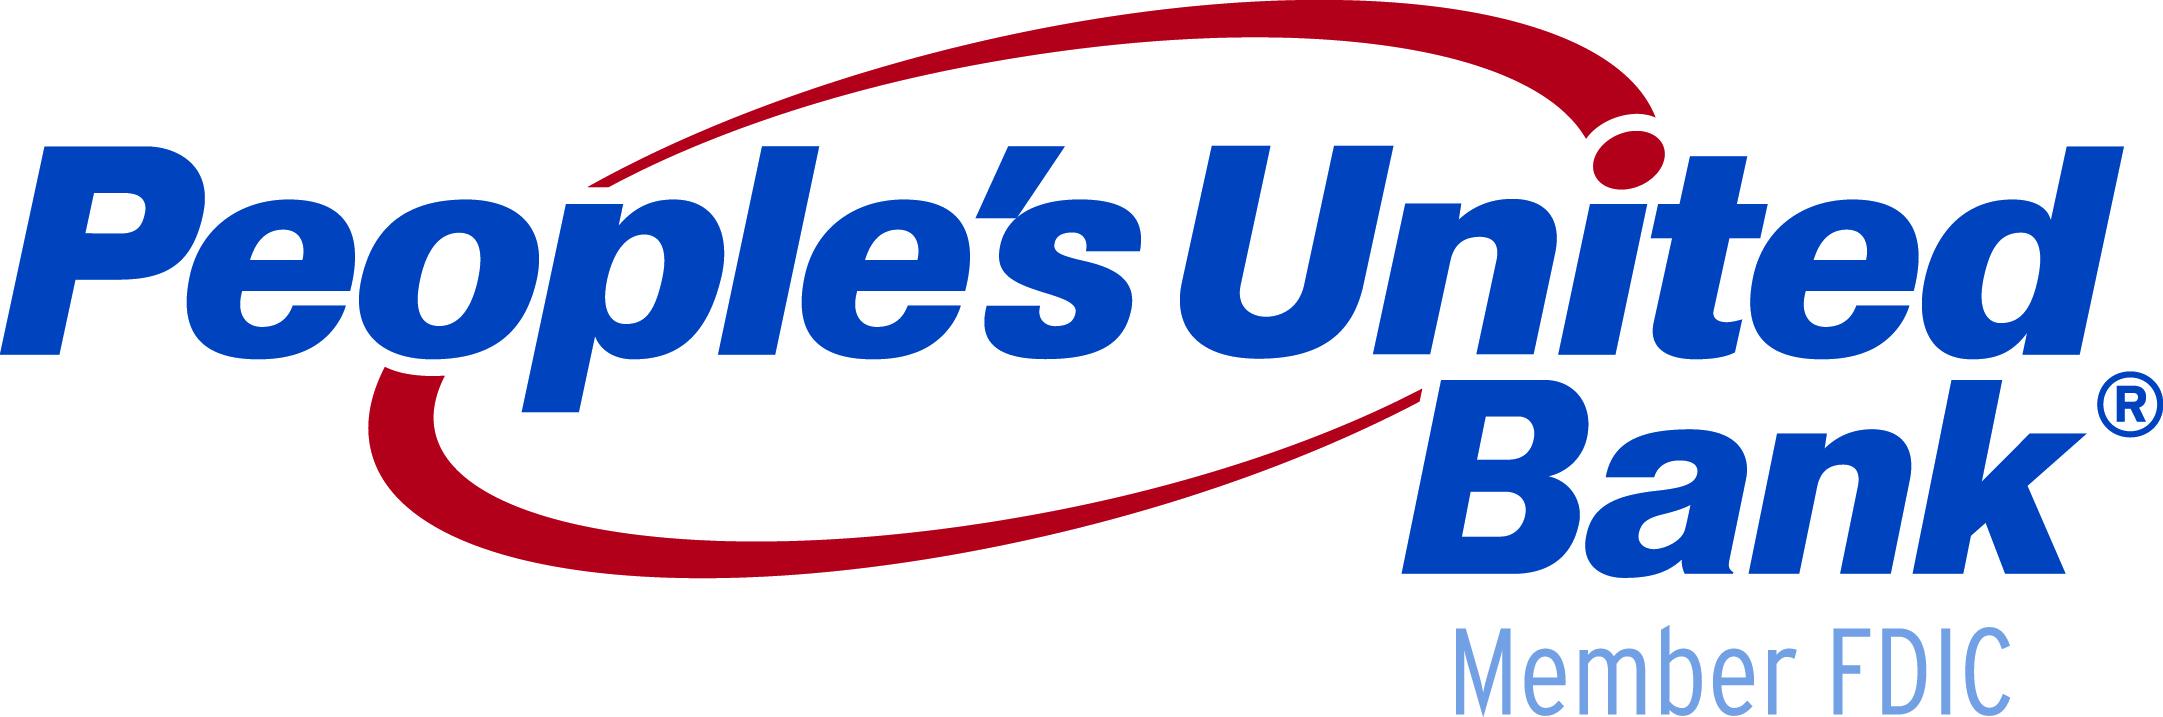 Peoples-United-Bank_logo.jpg